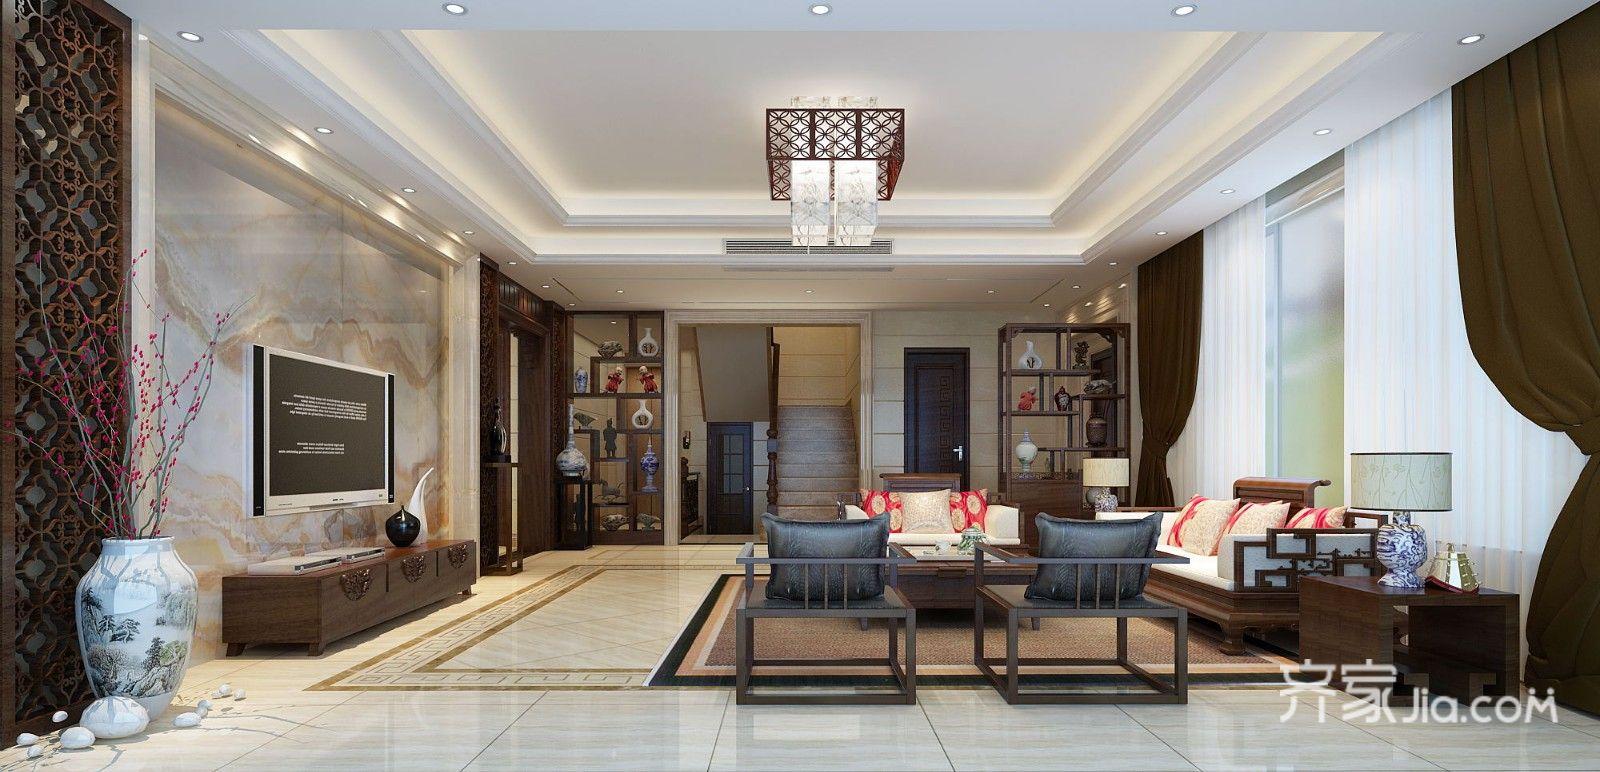 大户型中式风格别墅客厅装修效果图